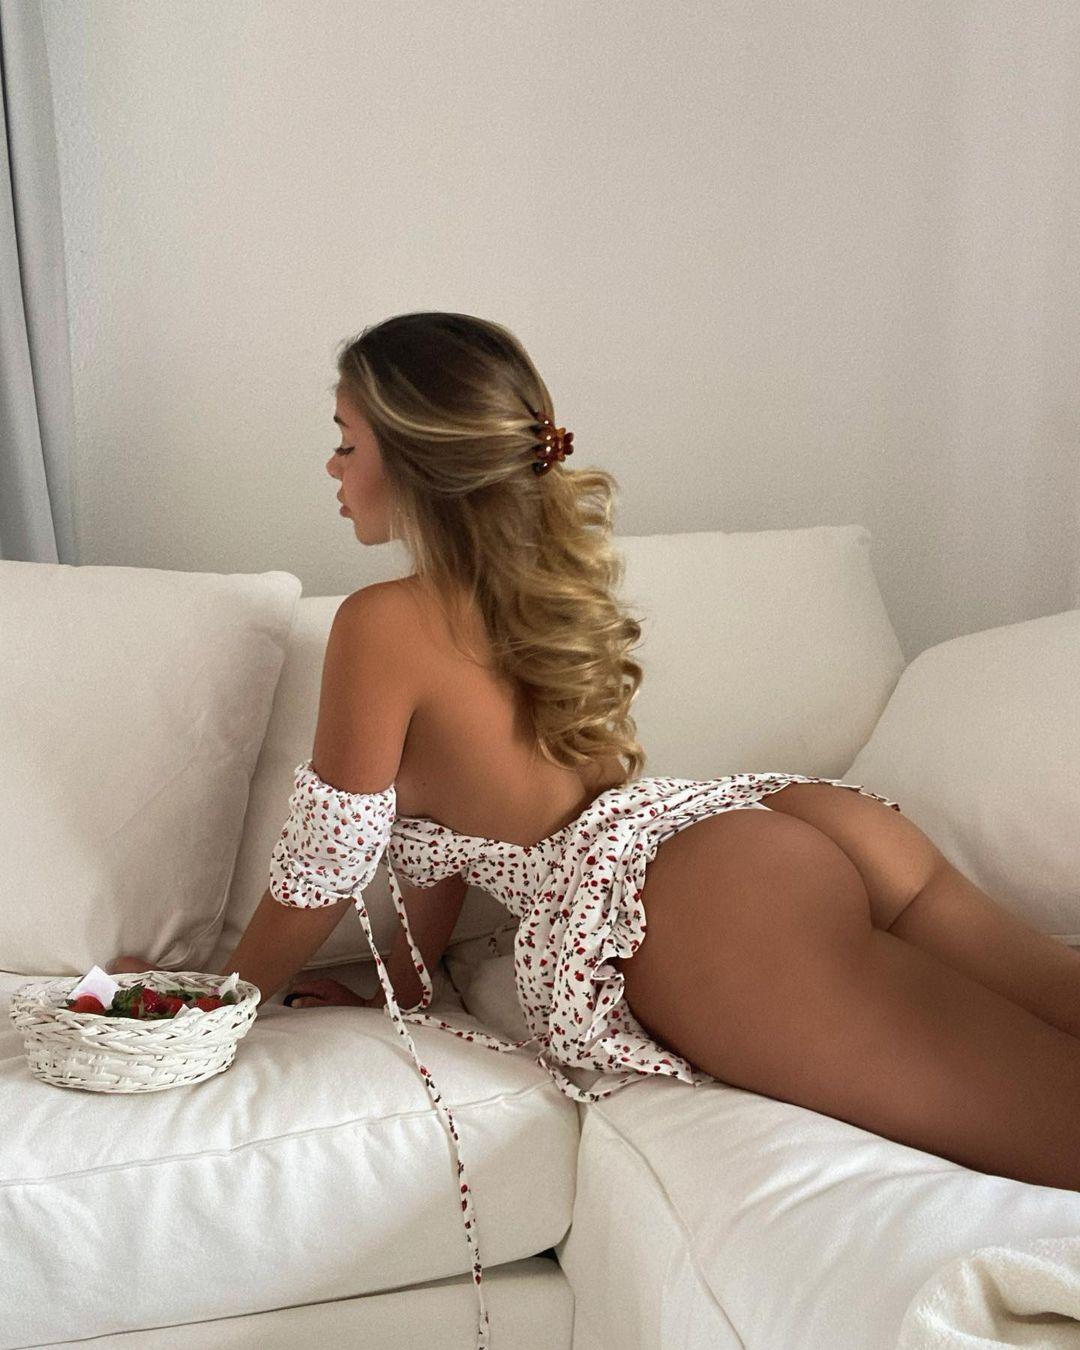 Madeline Mercedes - очаровательная милашка из Instagam 26